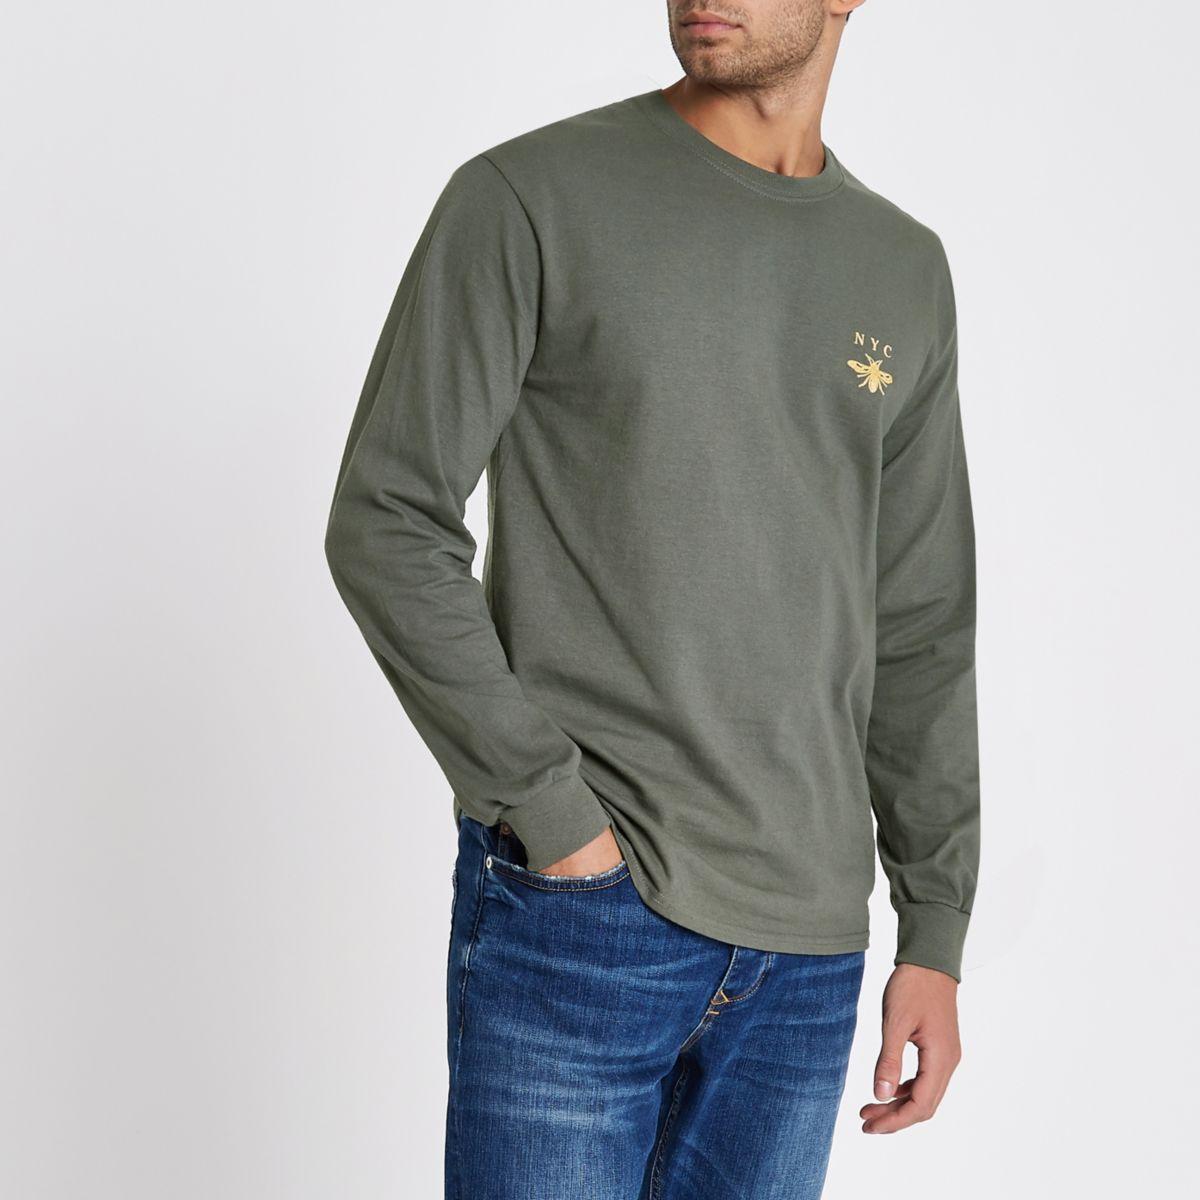 Grey 'NYC' wasp print long sleeve T-shirt